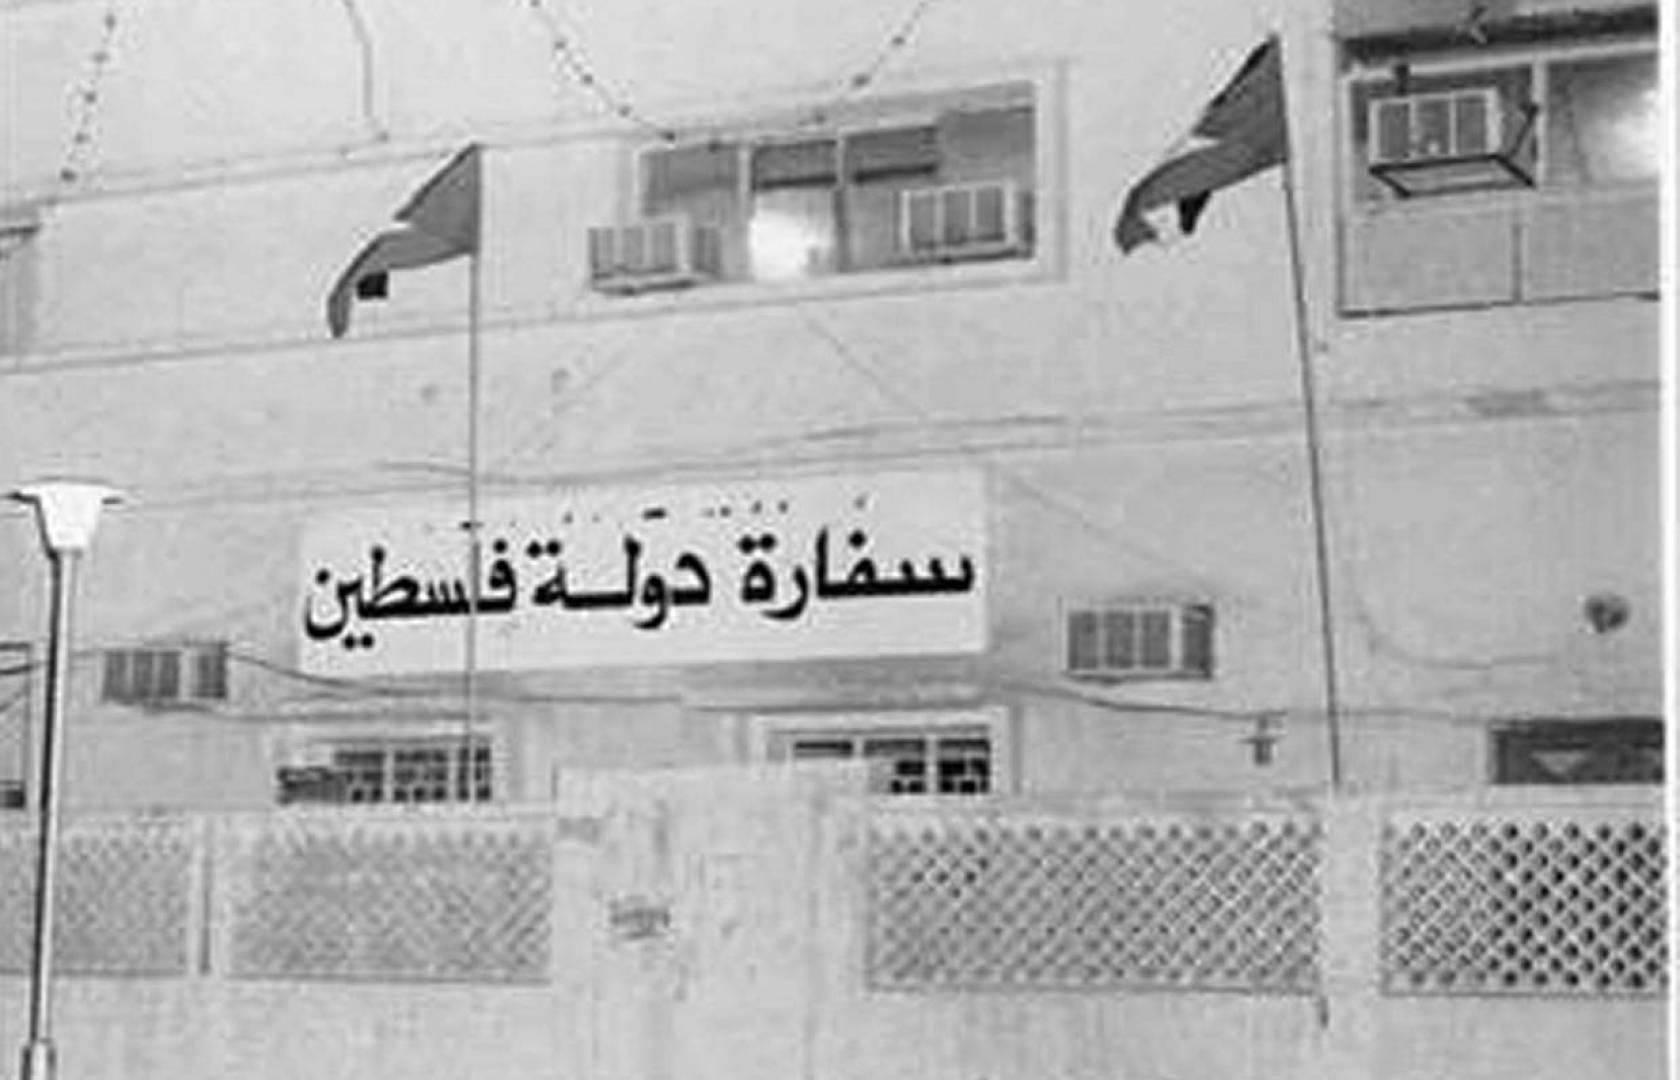 1974/7/1  مجلس الوزراء يوافق على تزويد مدارس منظمة التحرير الفلسطينية بالكتب الدراسية مجاناً